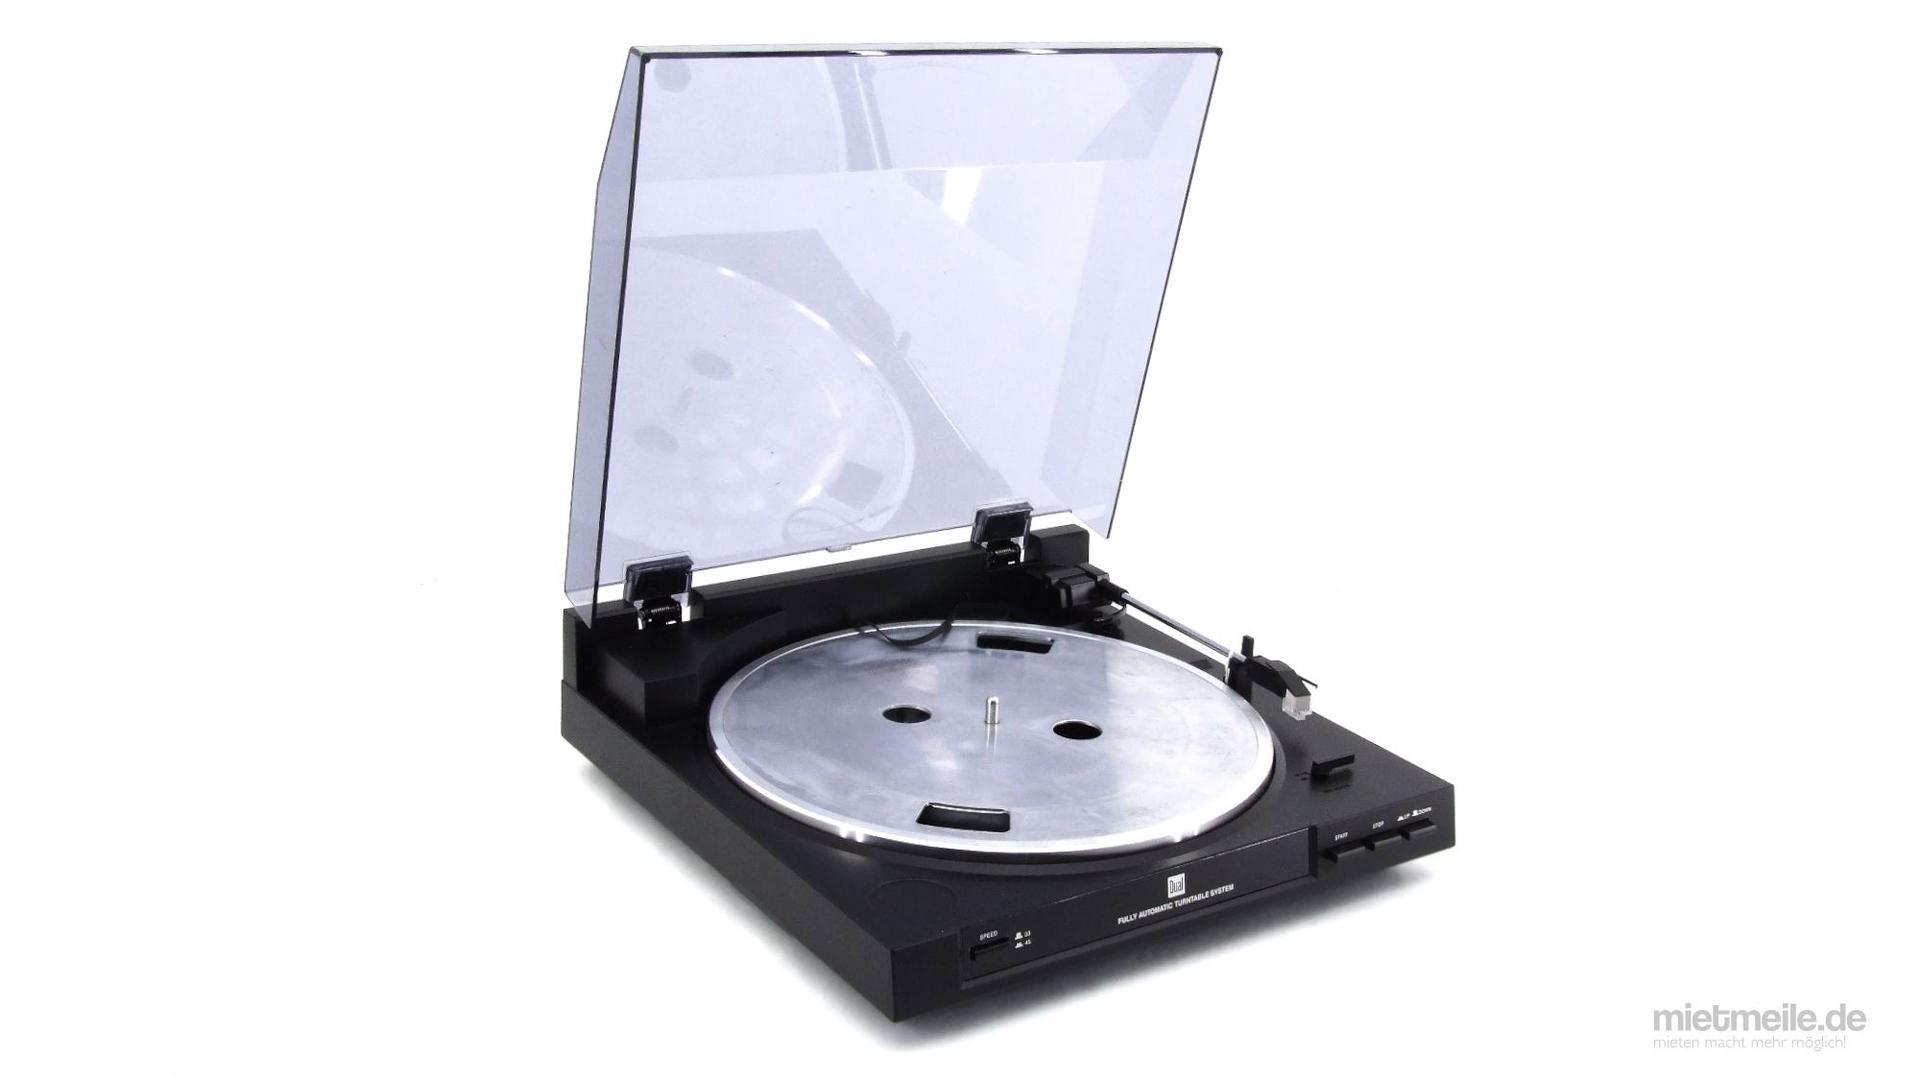 Tontechnik mieten & vermieten - Schallplatten Digitalisierer Plattenspieler USB in Schkeuditz